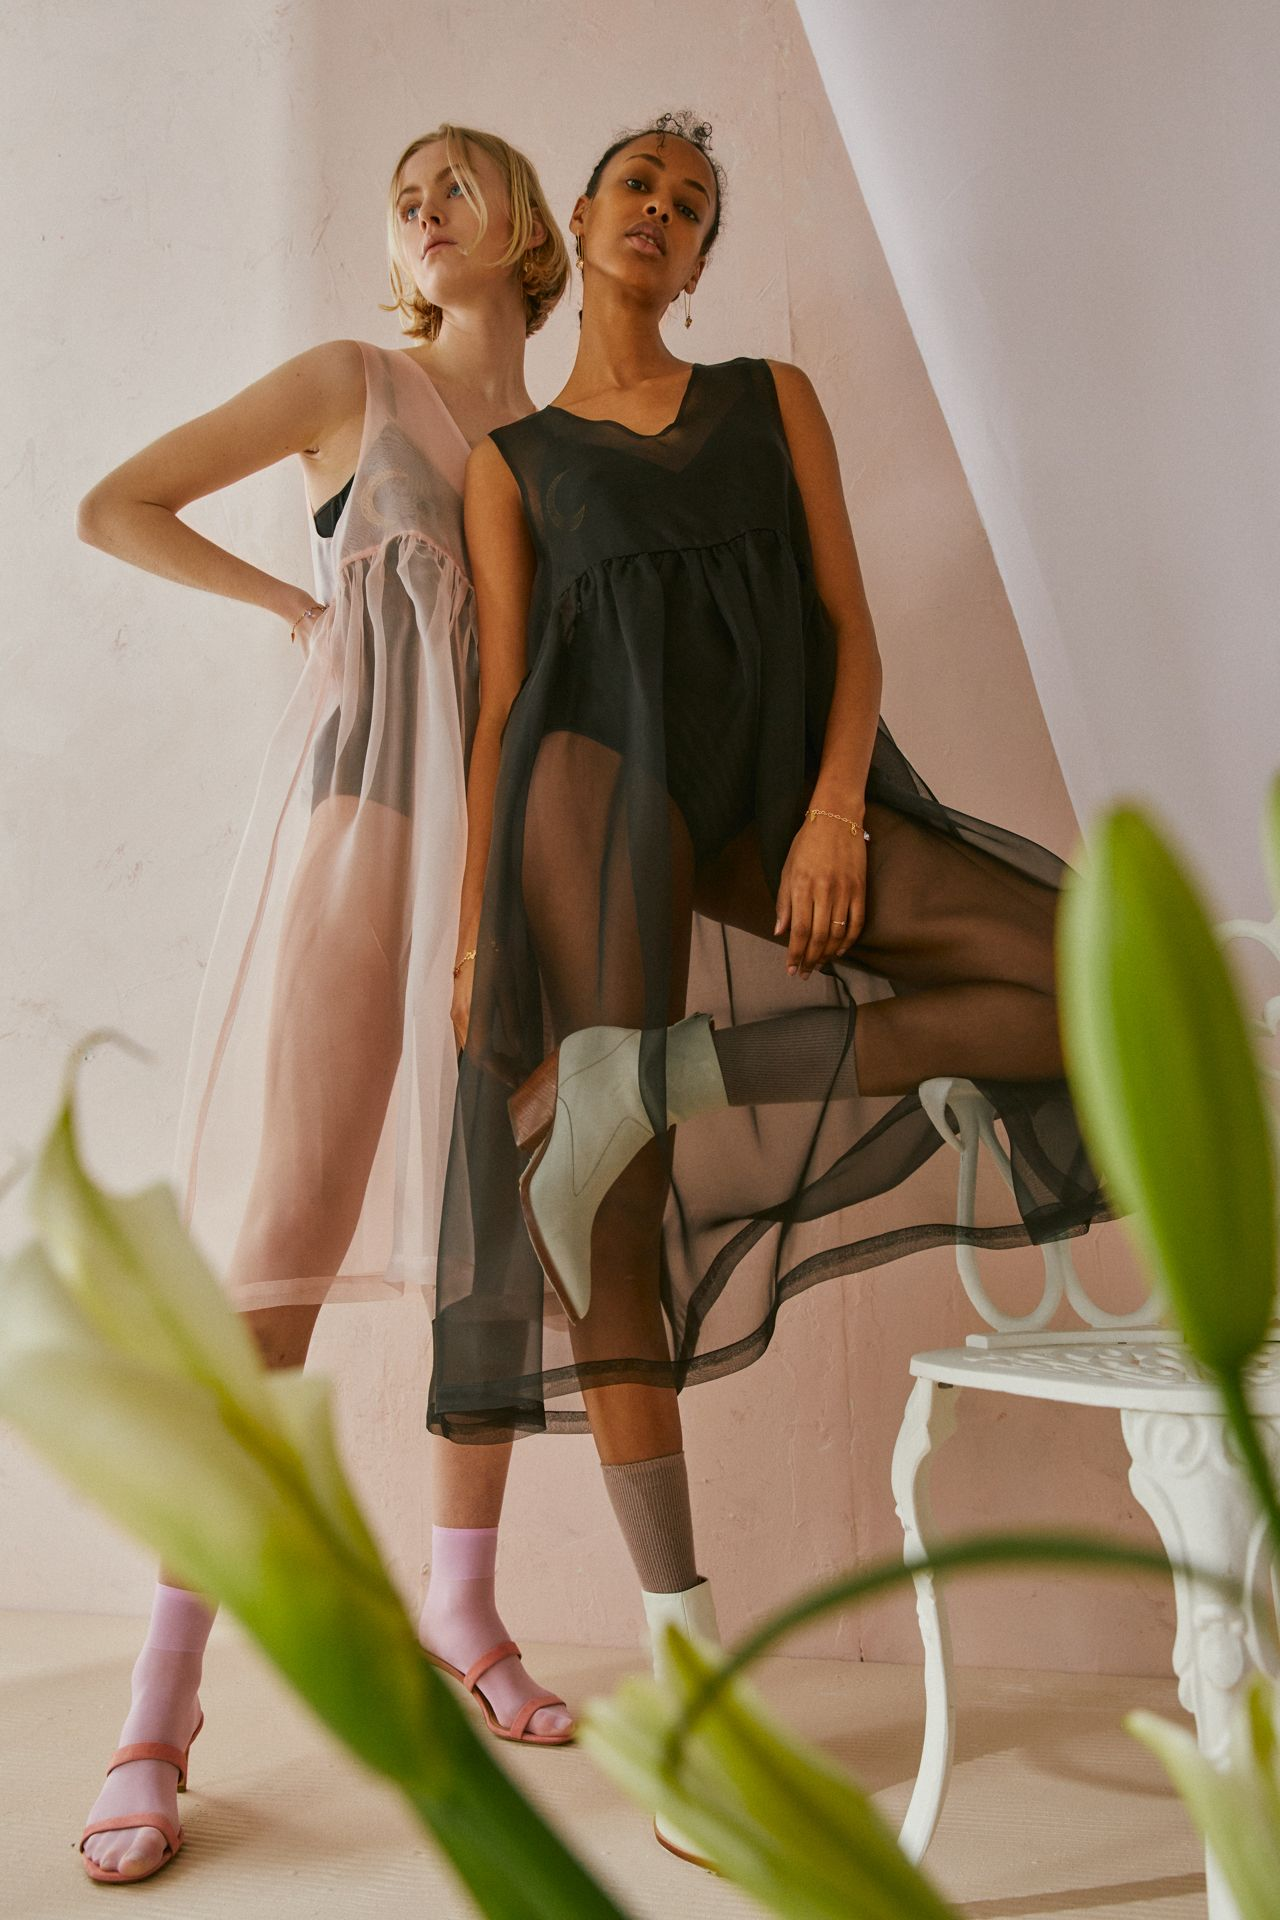 Deux femmes debout portant la même robe en organza à taille empire. L'une porte une version noire, l'autre une version rose.